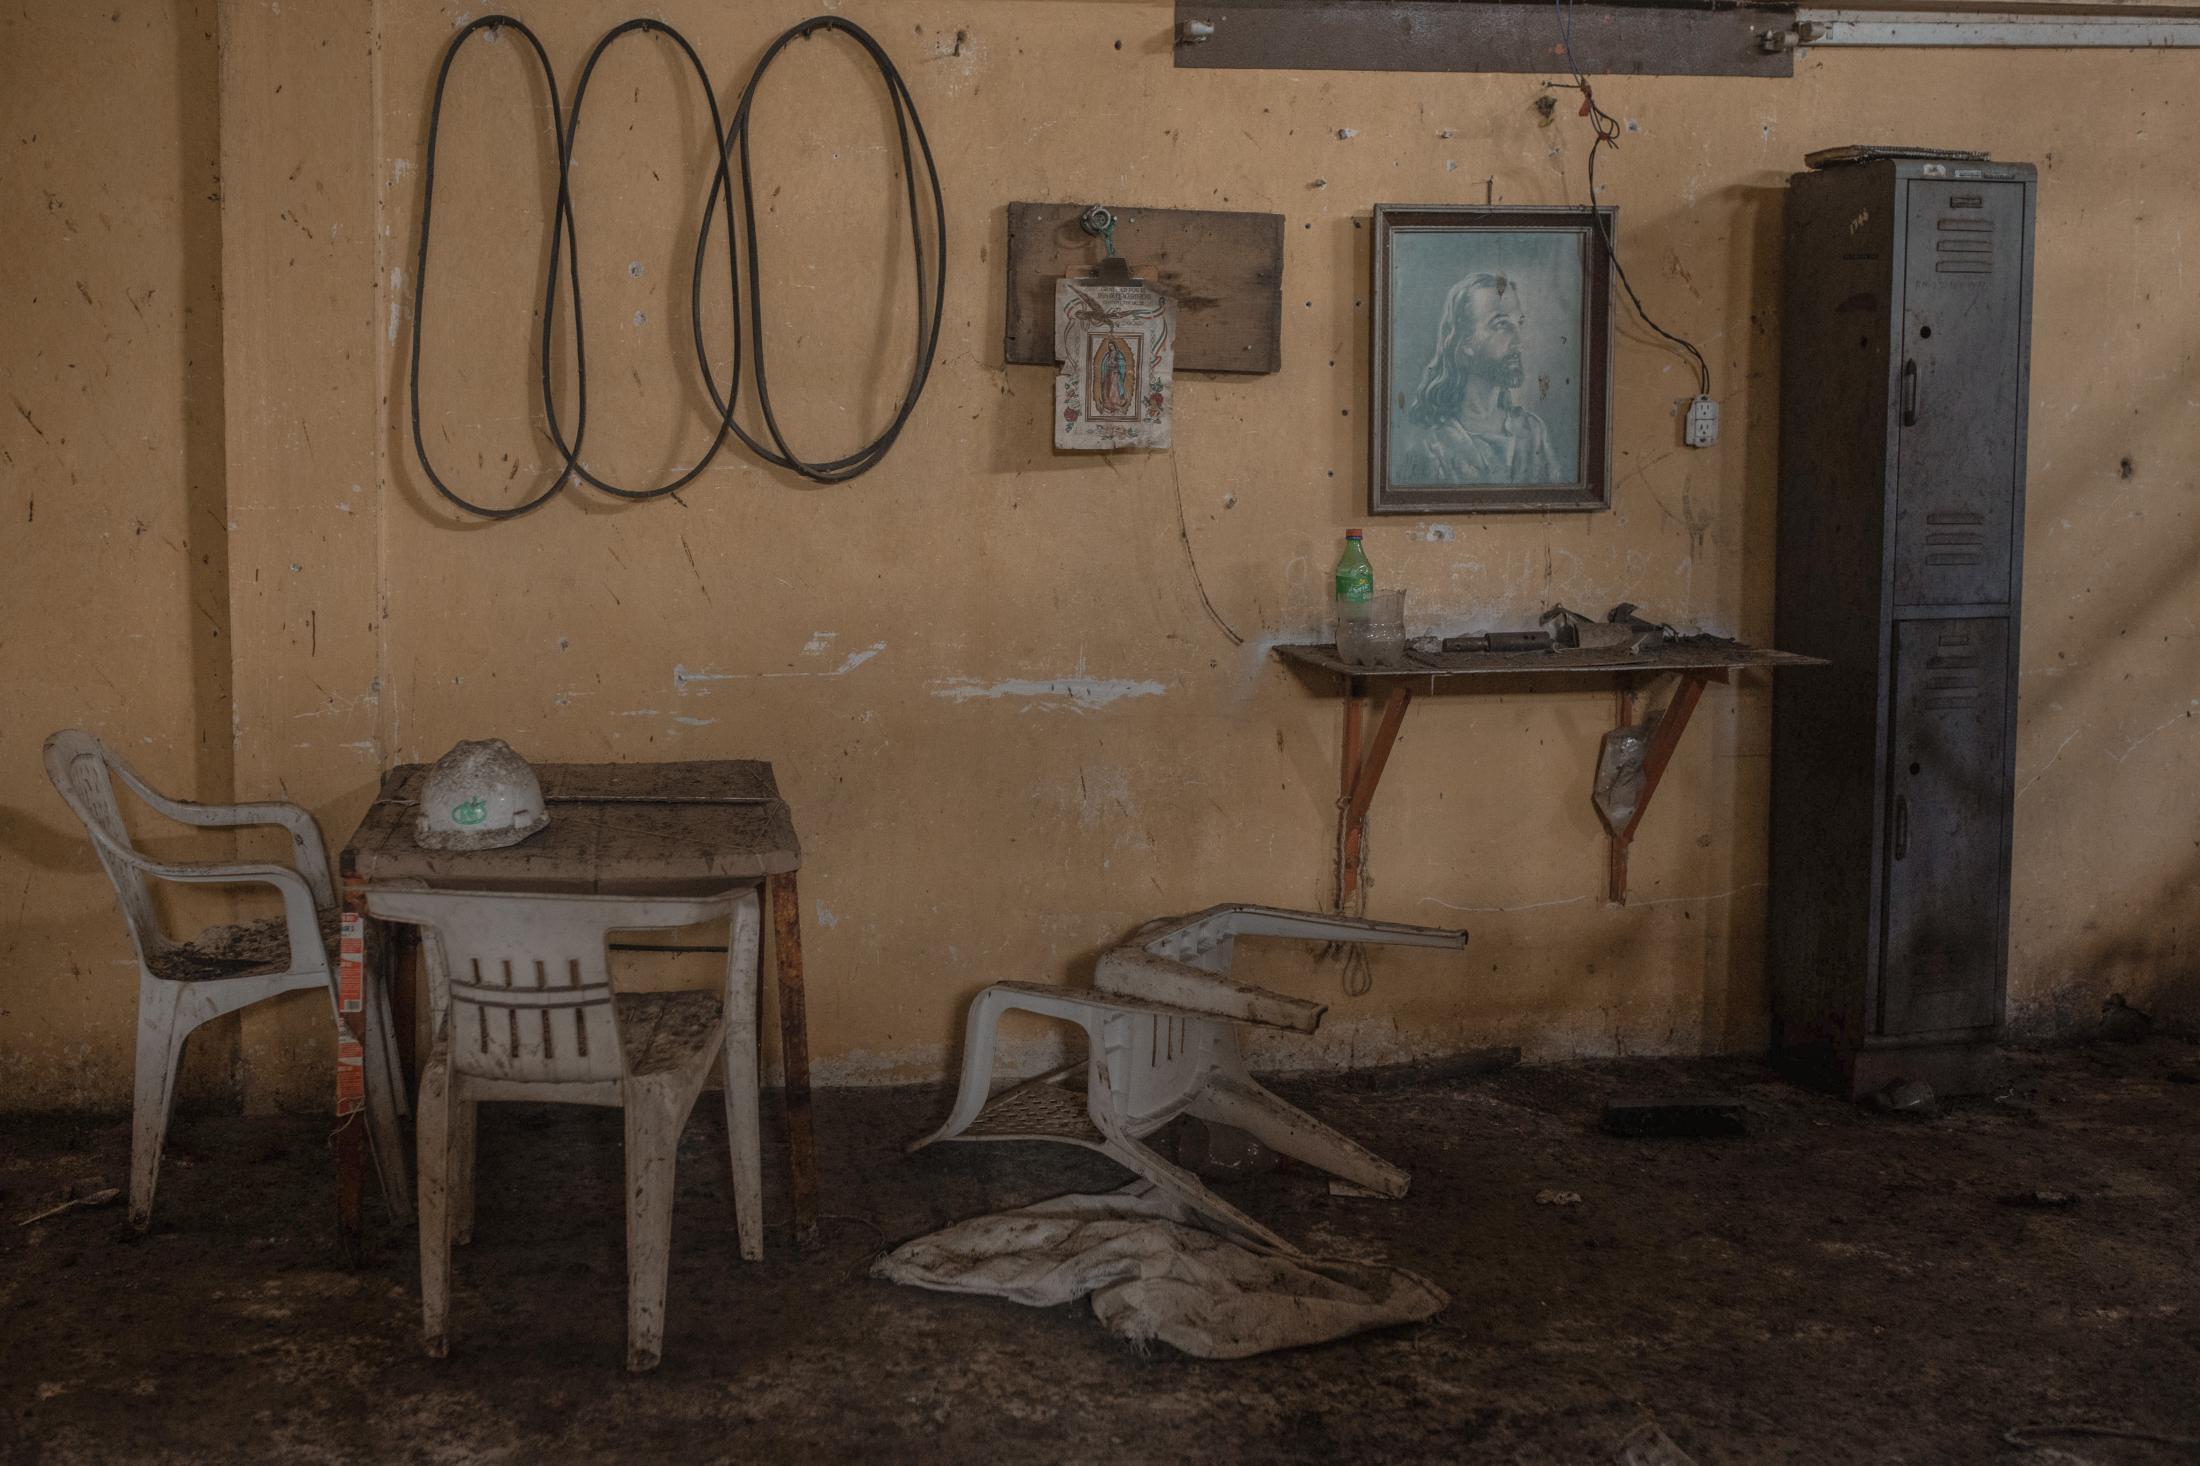 """Los espacios de la fábrica de Café llamada """"Beneficio Puerto Rico"""", una de las más grandes de la región, se lucen abandonados luego de que en 1989 el estado dejó de suministrar recursos a los productores locales para mantener las operaciones de la planta, ubicada en Coatepec, Veracruz."""